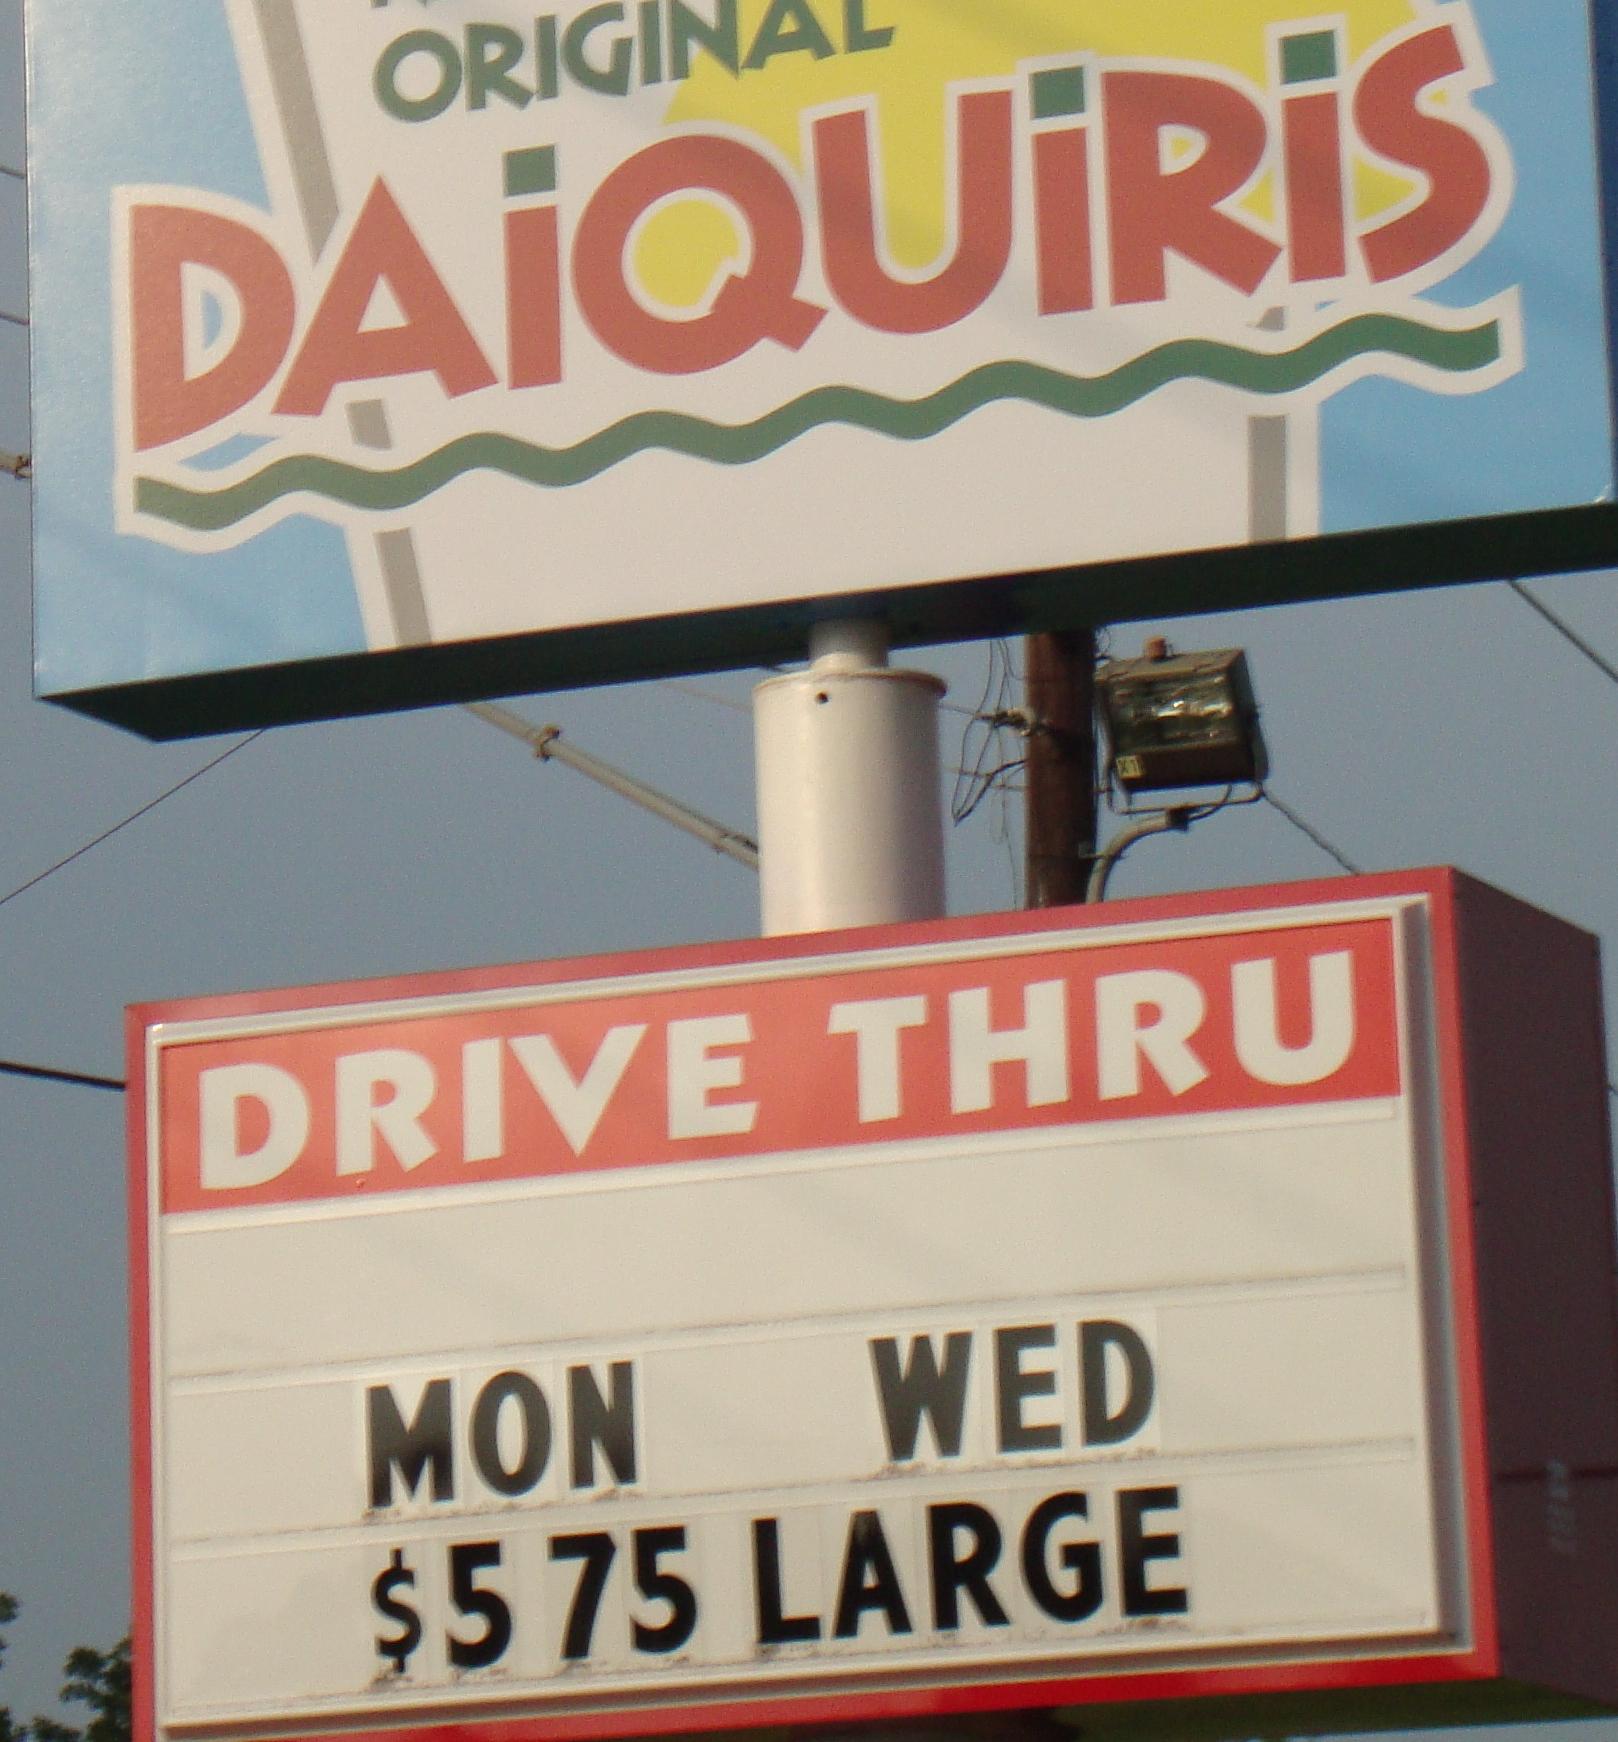 drivethroughdaquiris